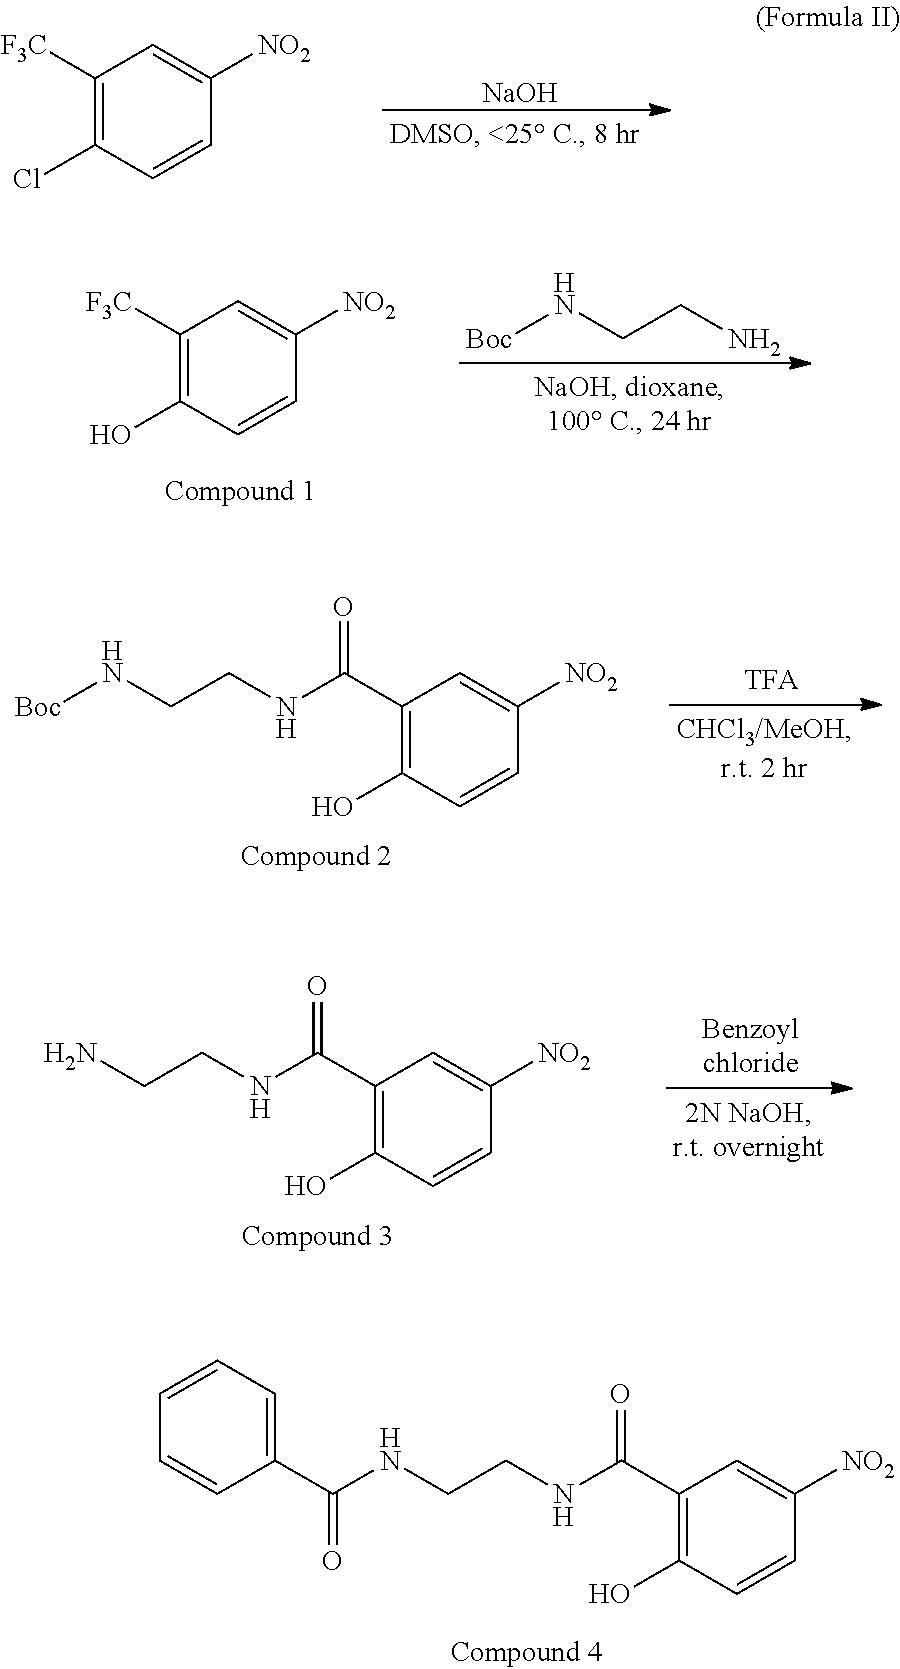 Figure US09956191-20180501-C00011